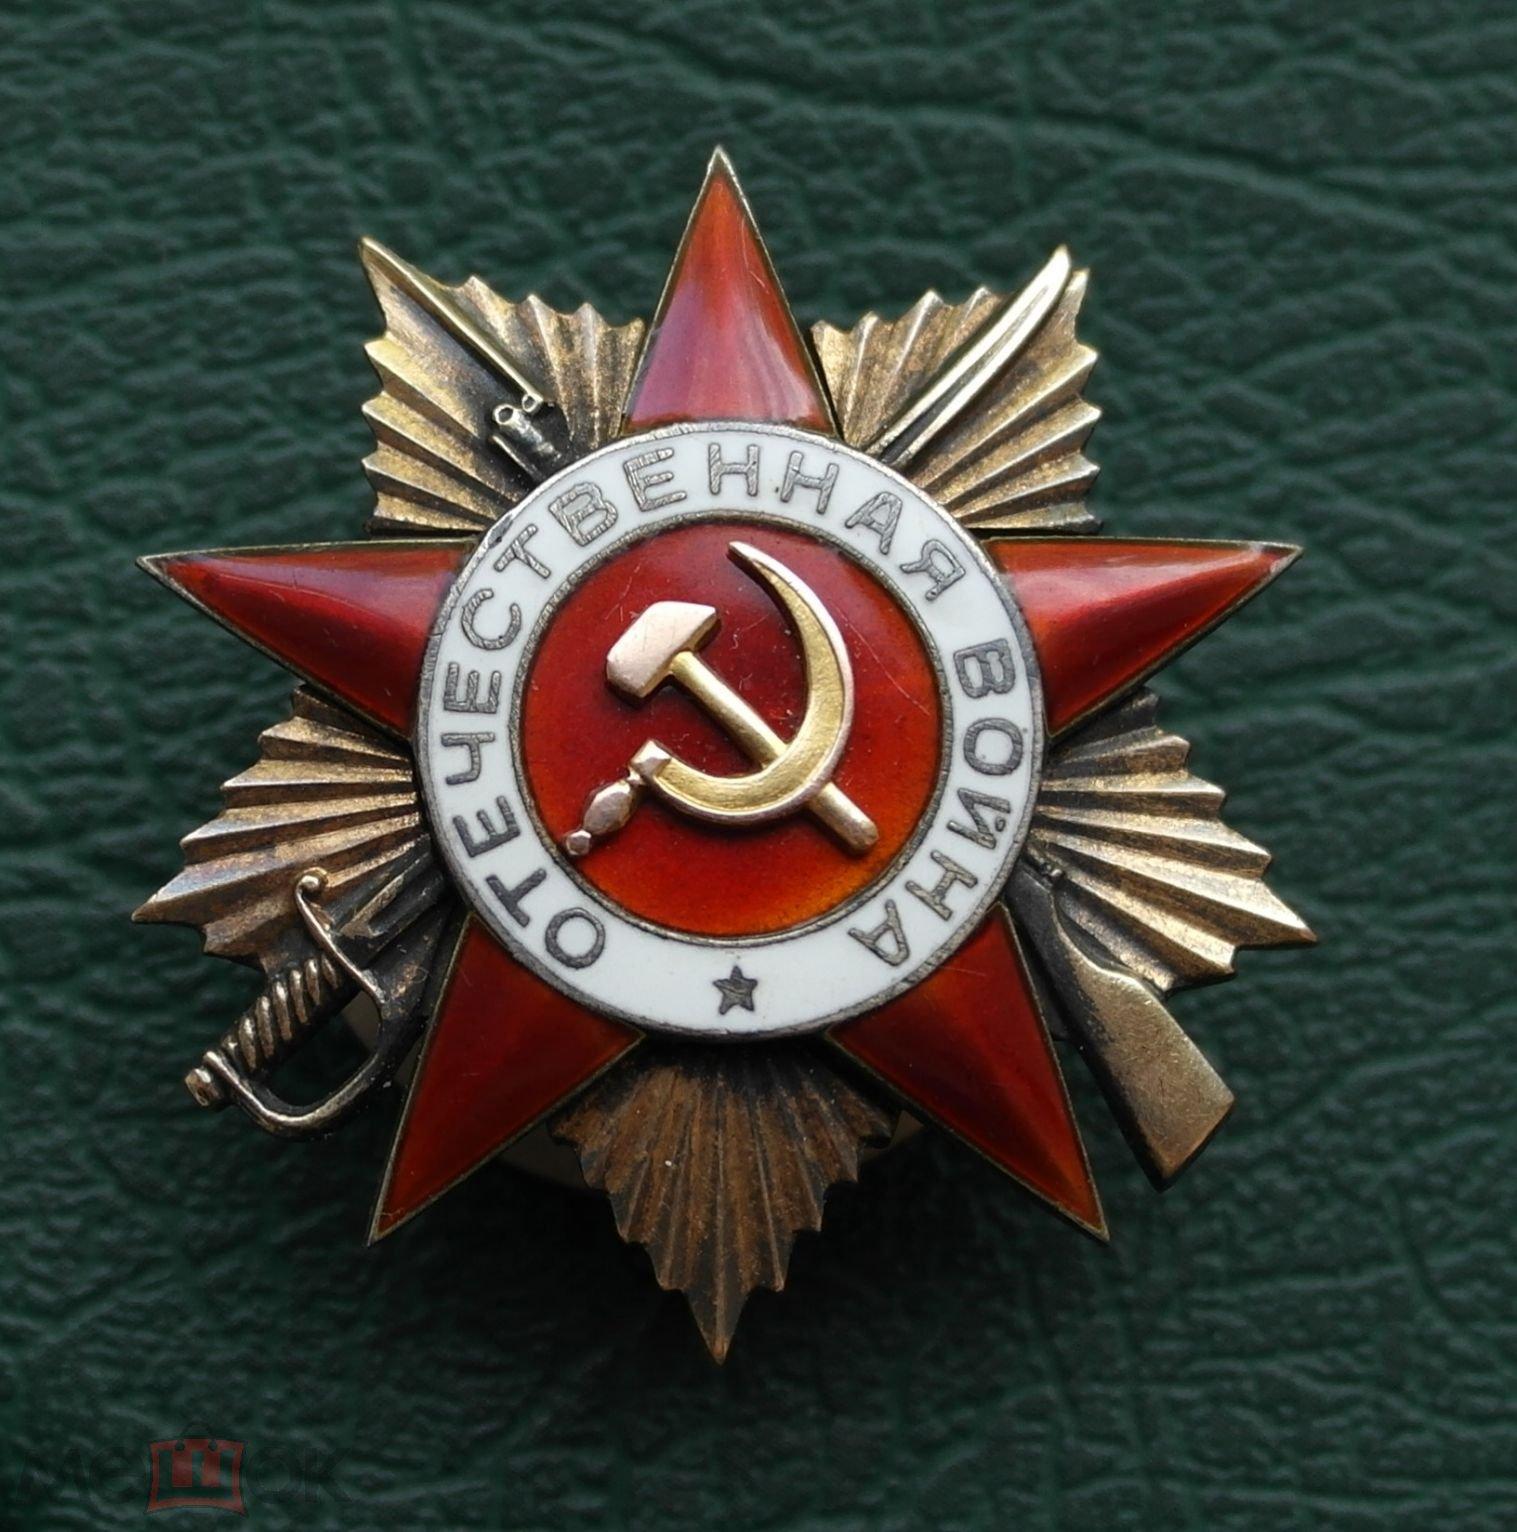 Днем, картинки ордена великой отечественной войны